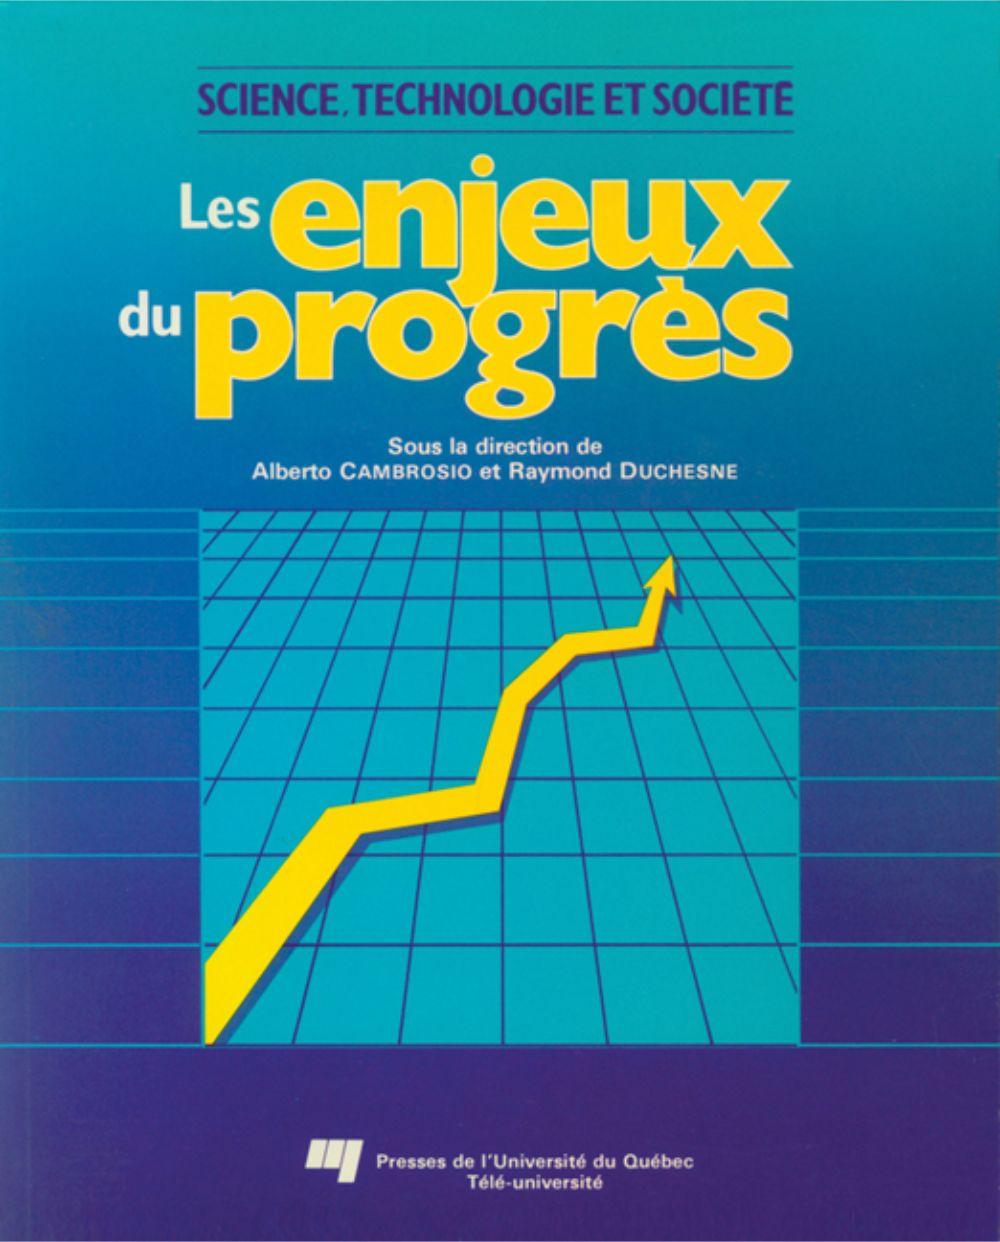 Les enjeux du progrès